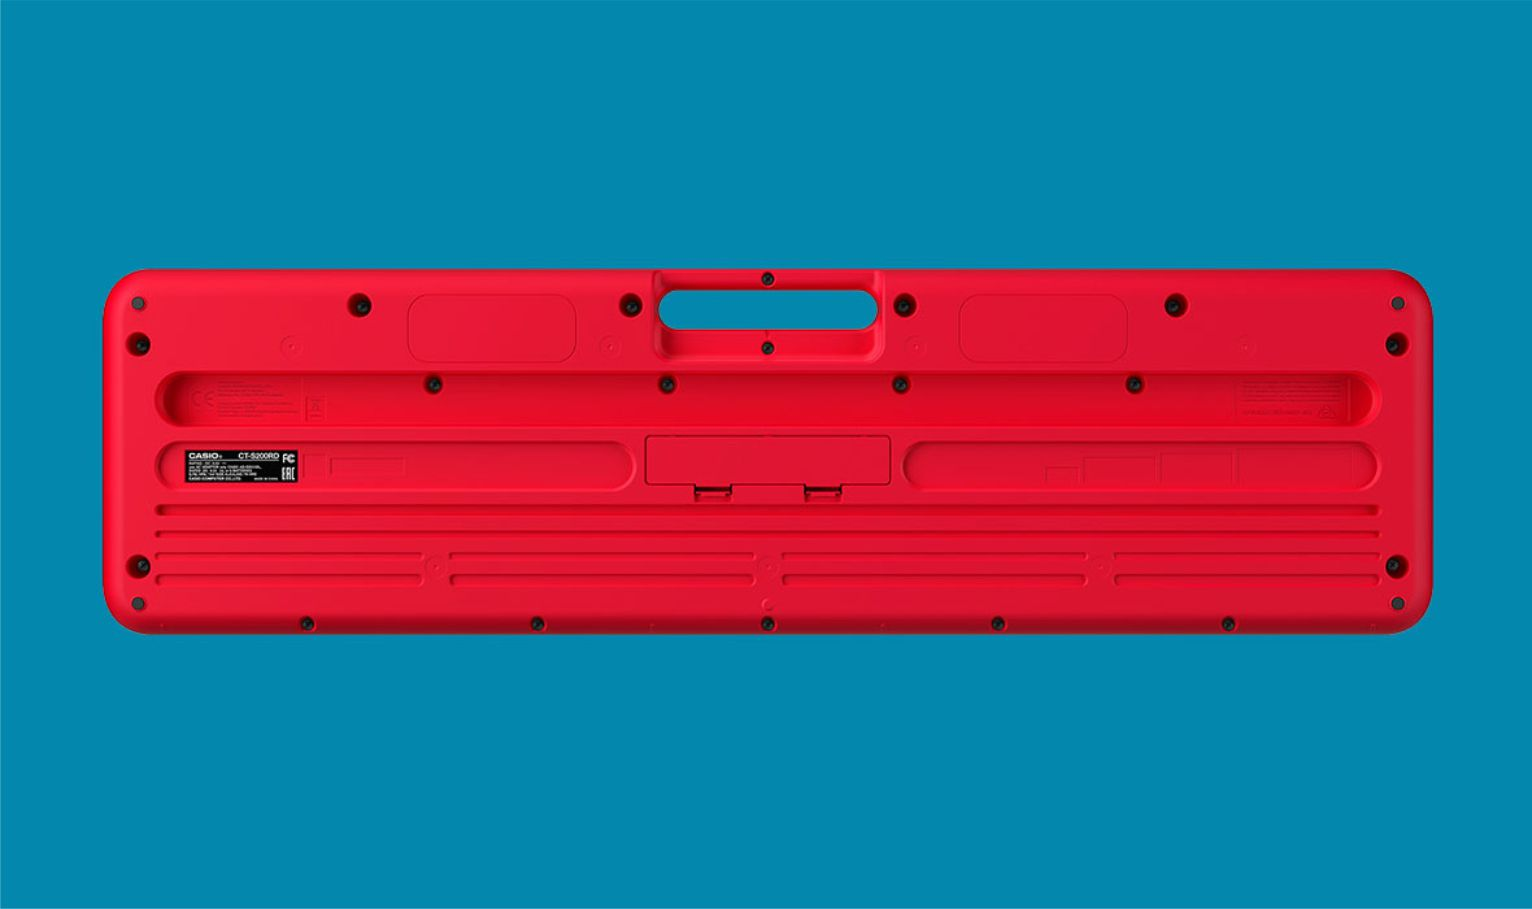 Teclado Casio CT-S200 Vermelho Lançamento 2020